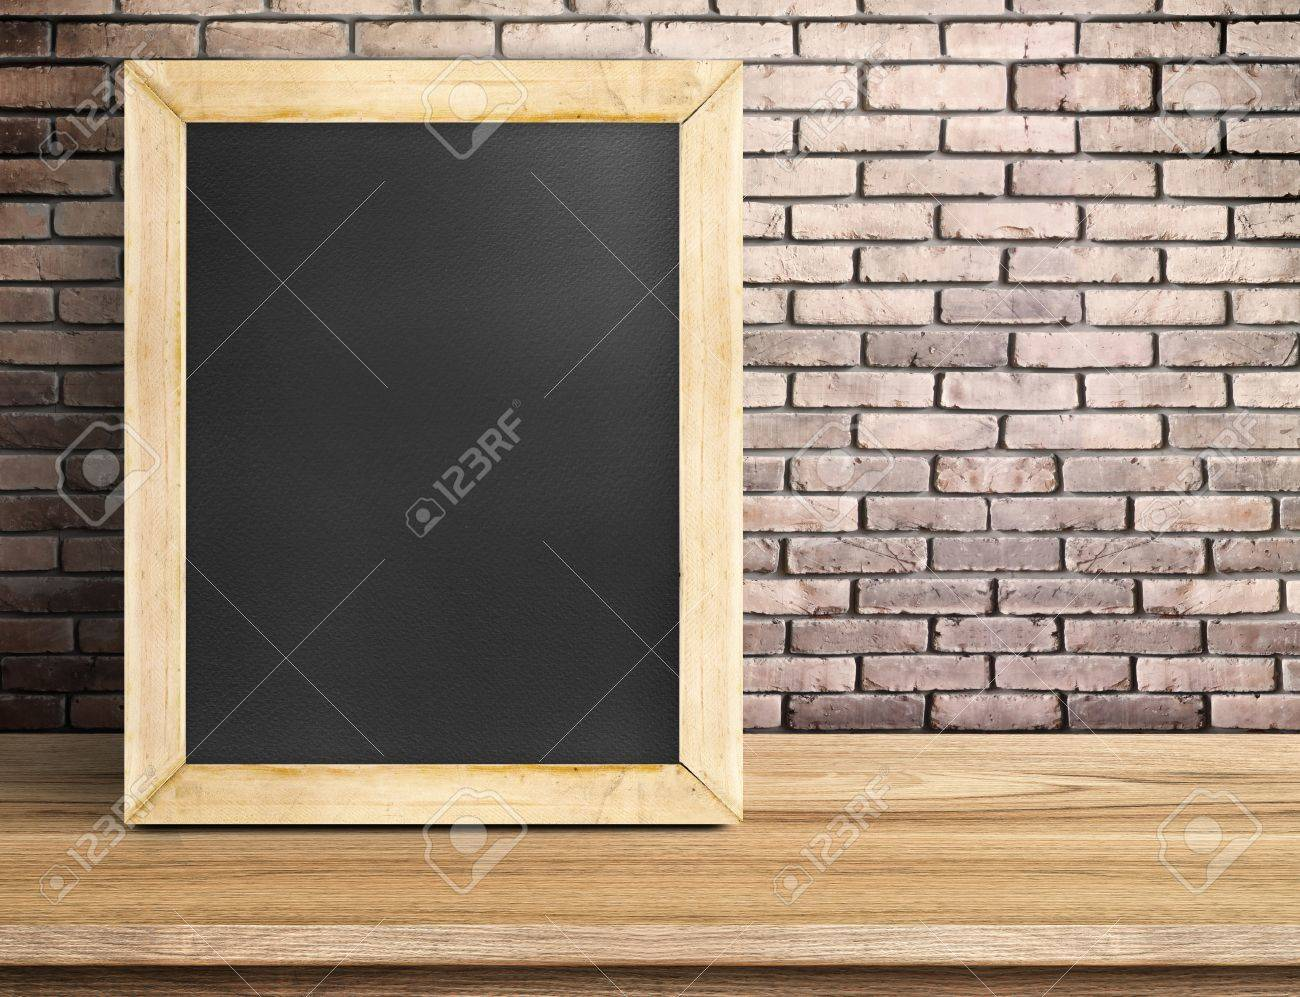 Unbelegte Tafel Auf Holztisch Auf Roten Backsteinmauer, Template ...